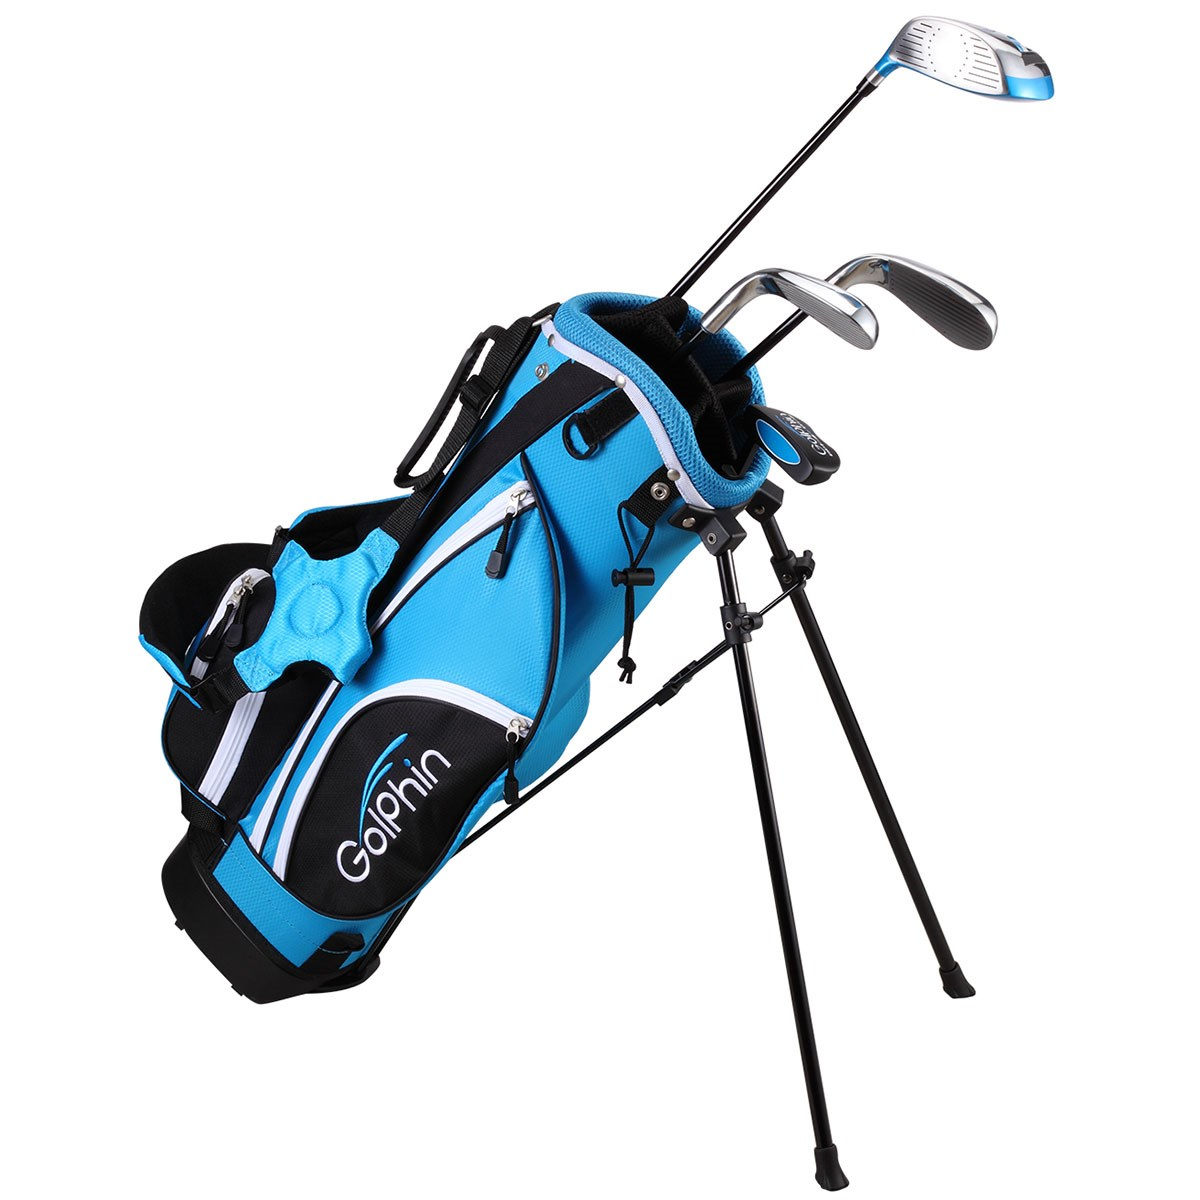 ダイヤゴルフ DAIYA GOLF ゴルフィン クラブセット728(4本セット) 7-8歳用 UNI ブルー ジュニア